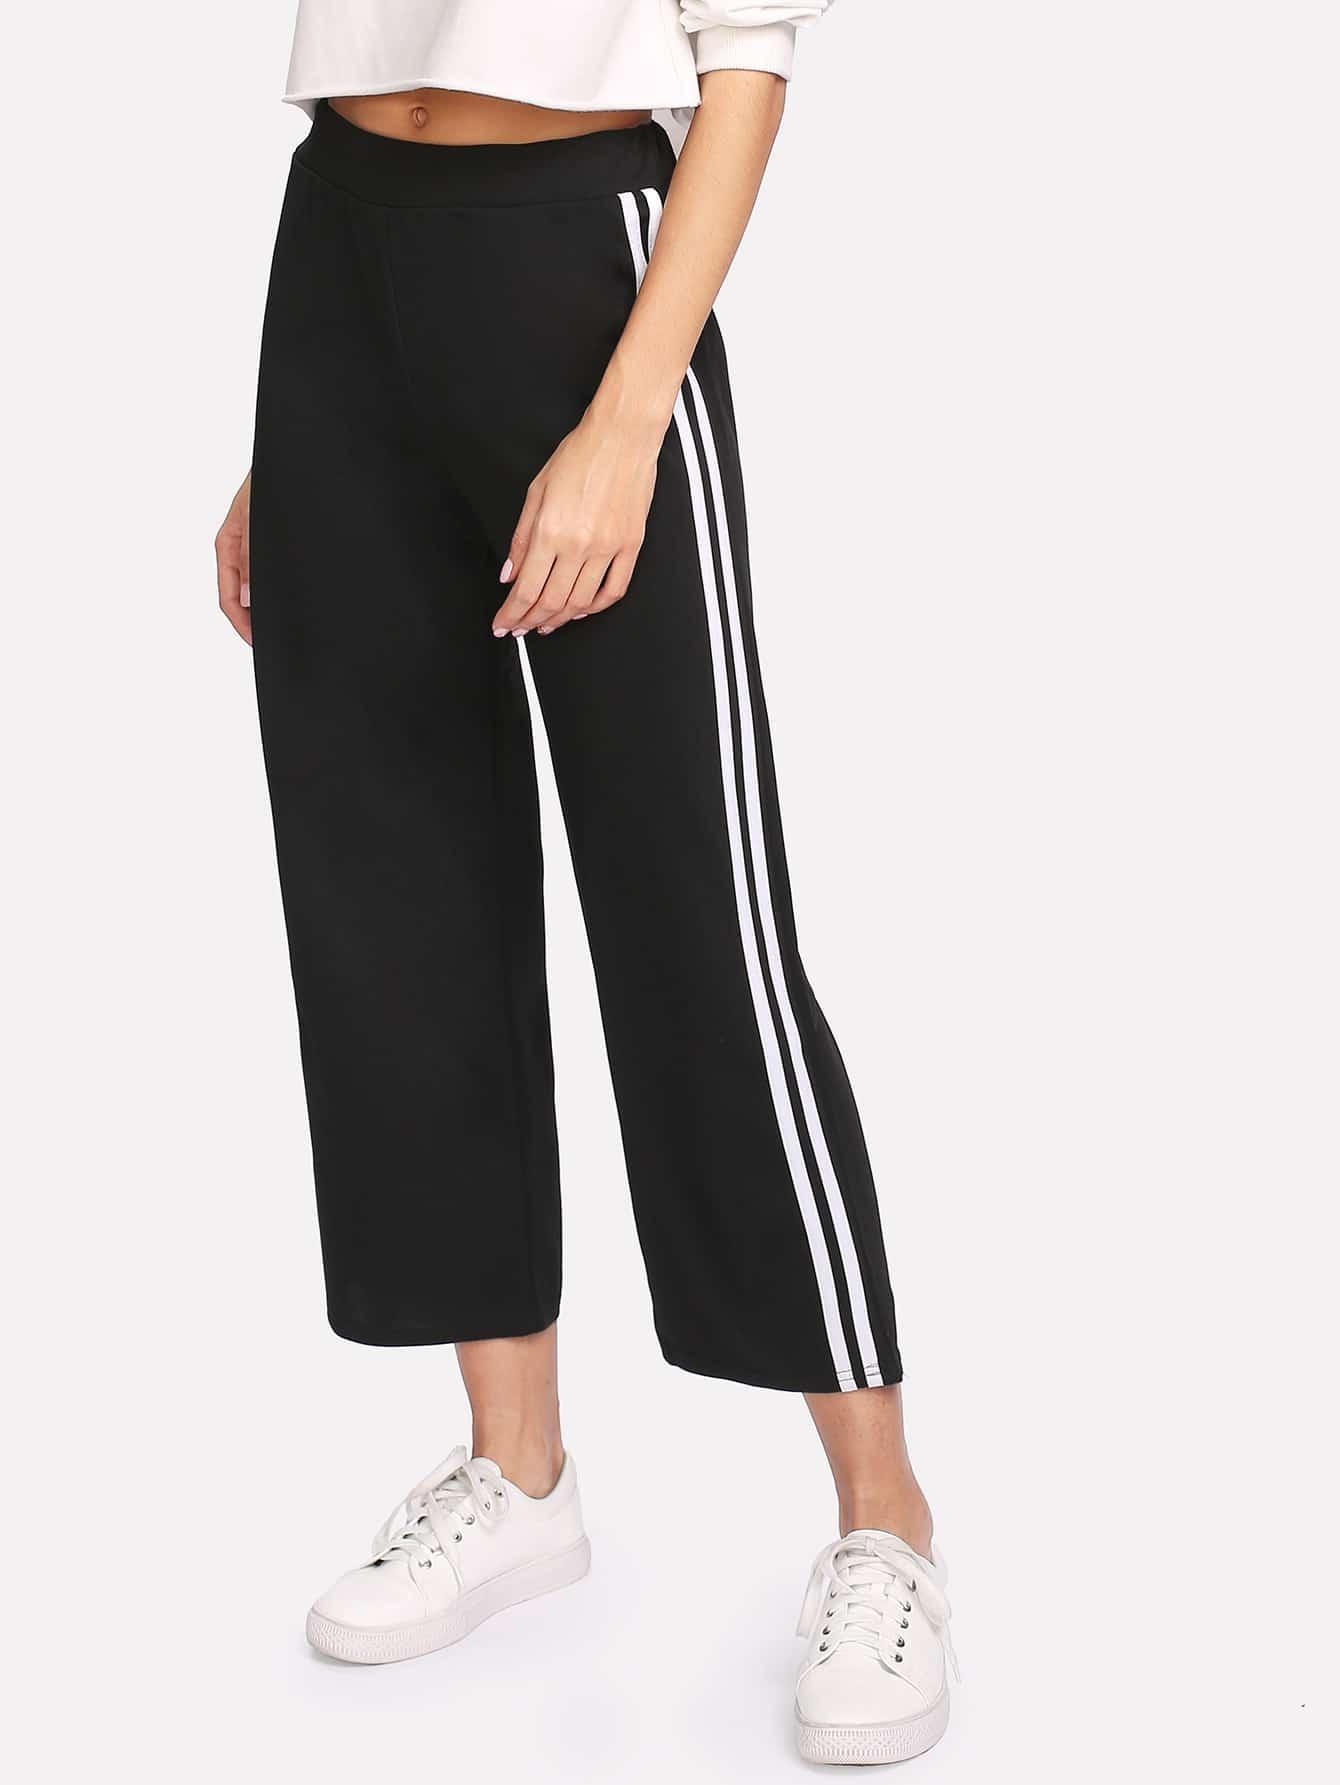 Hose mit elastischer Taille, Streifen auf den Seiten und weitem Beinschnitt